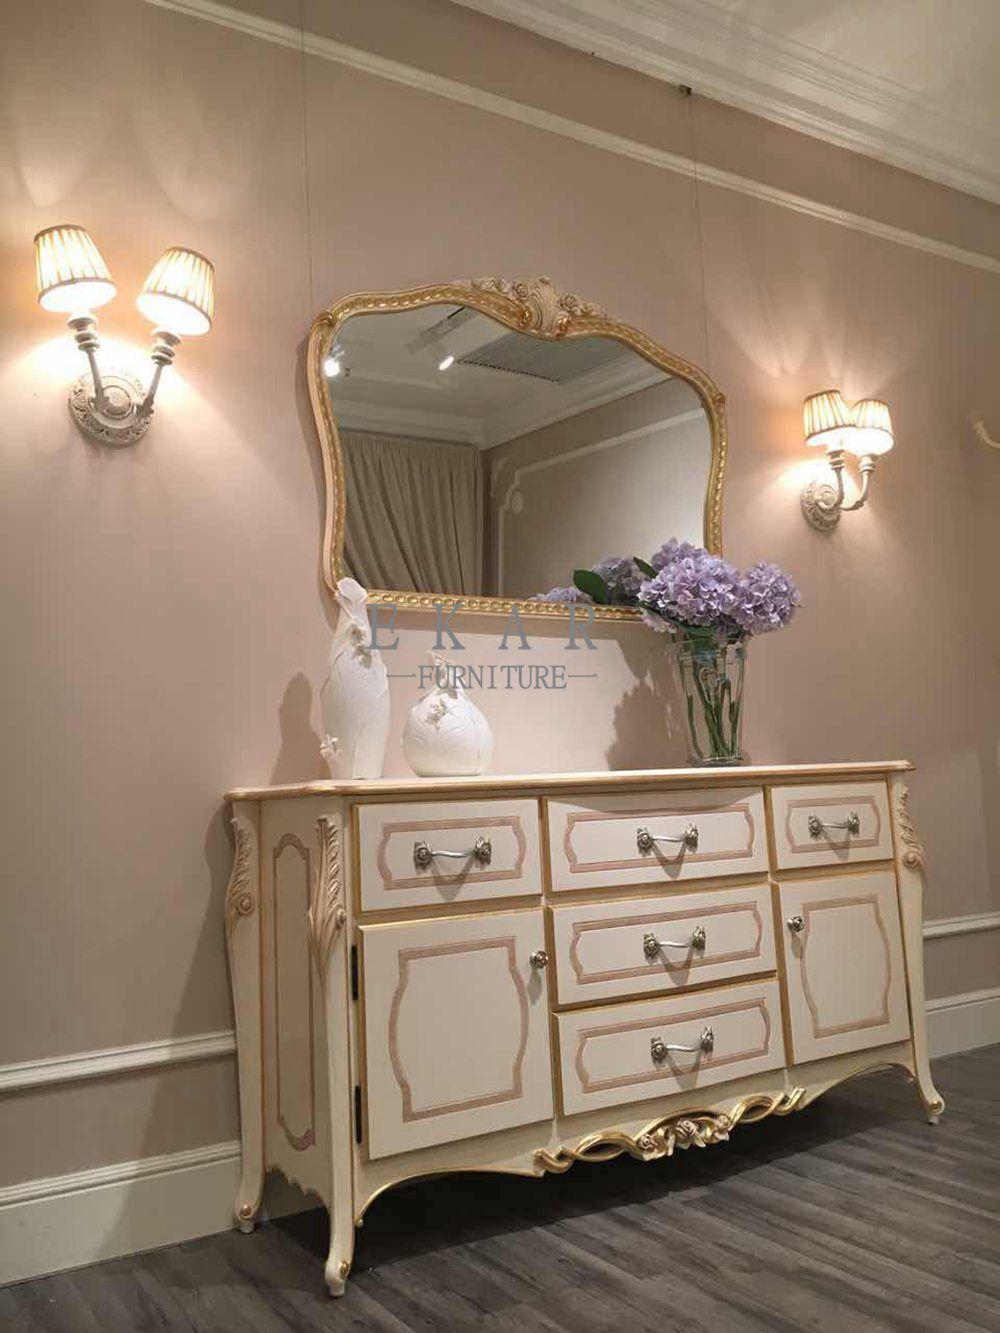 Big white wooden dwawer chestdresserdresser drawer